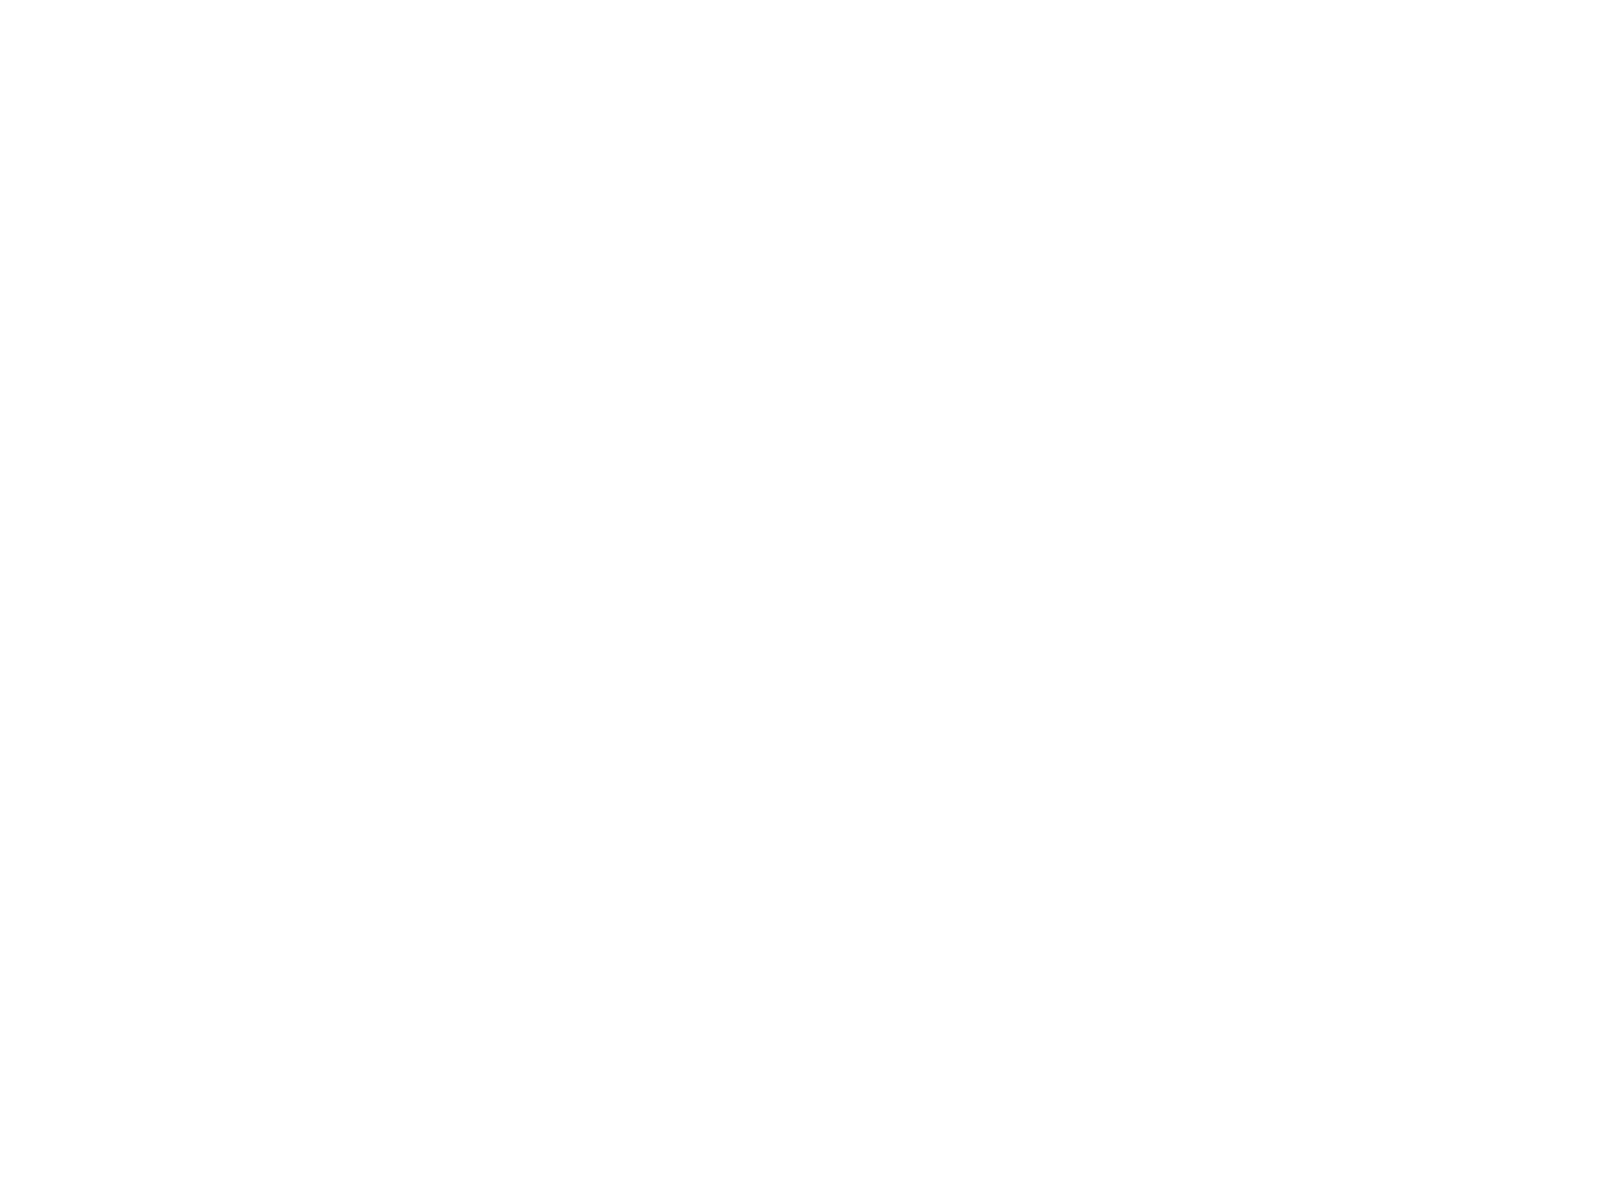 heartbeat-idbc